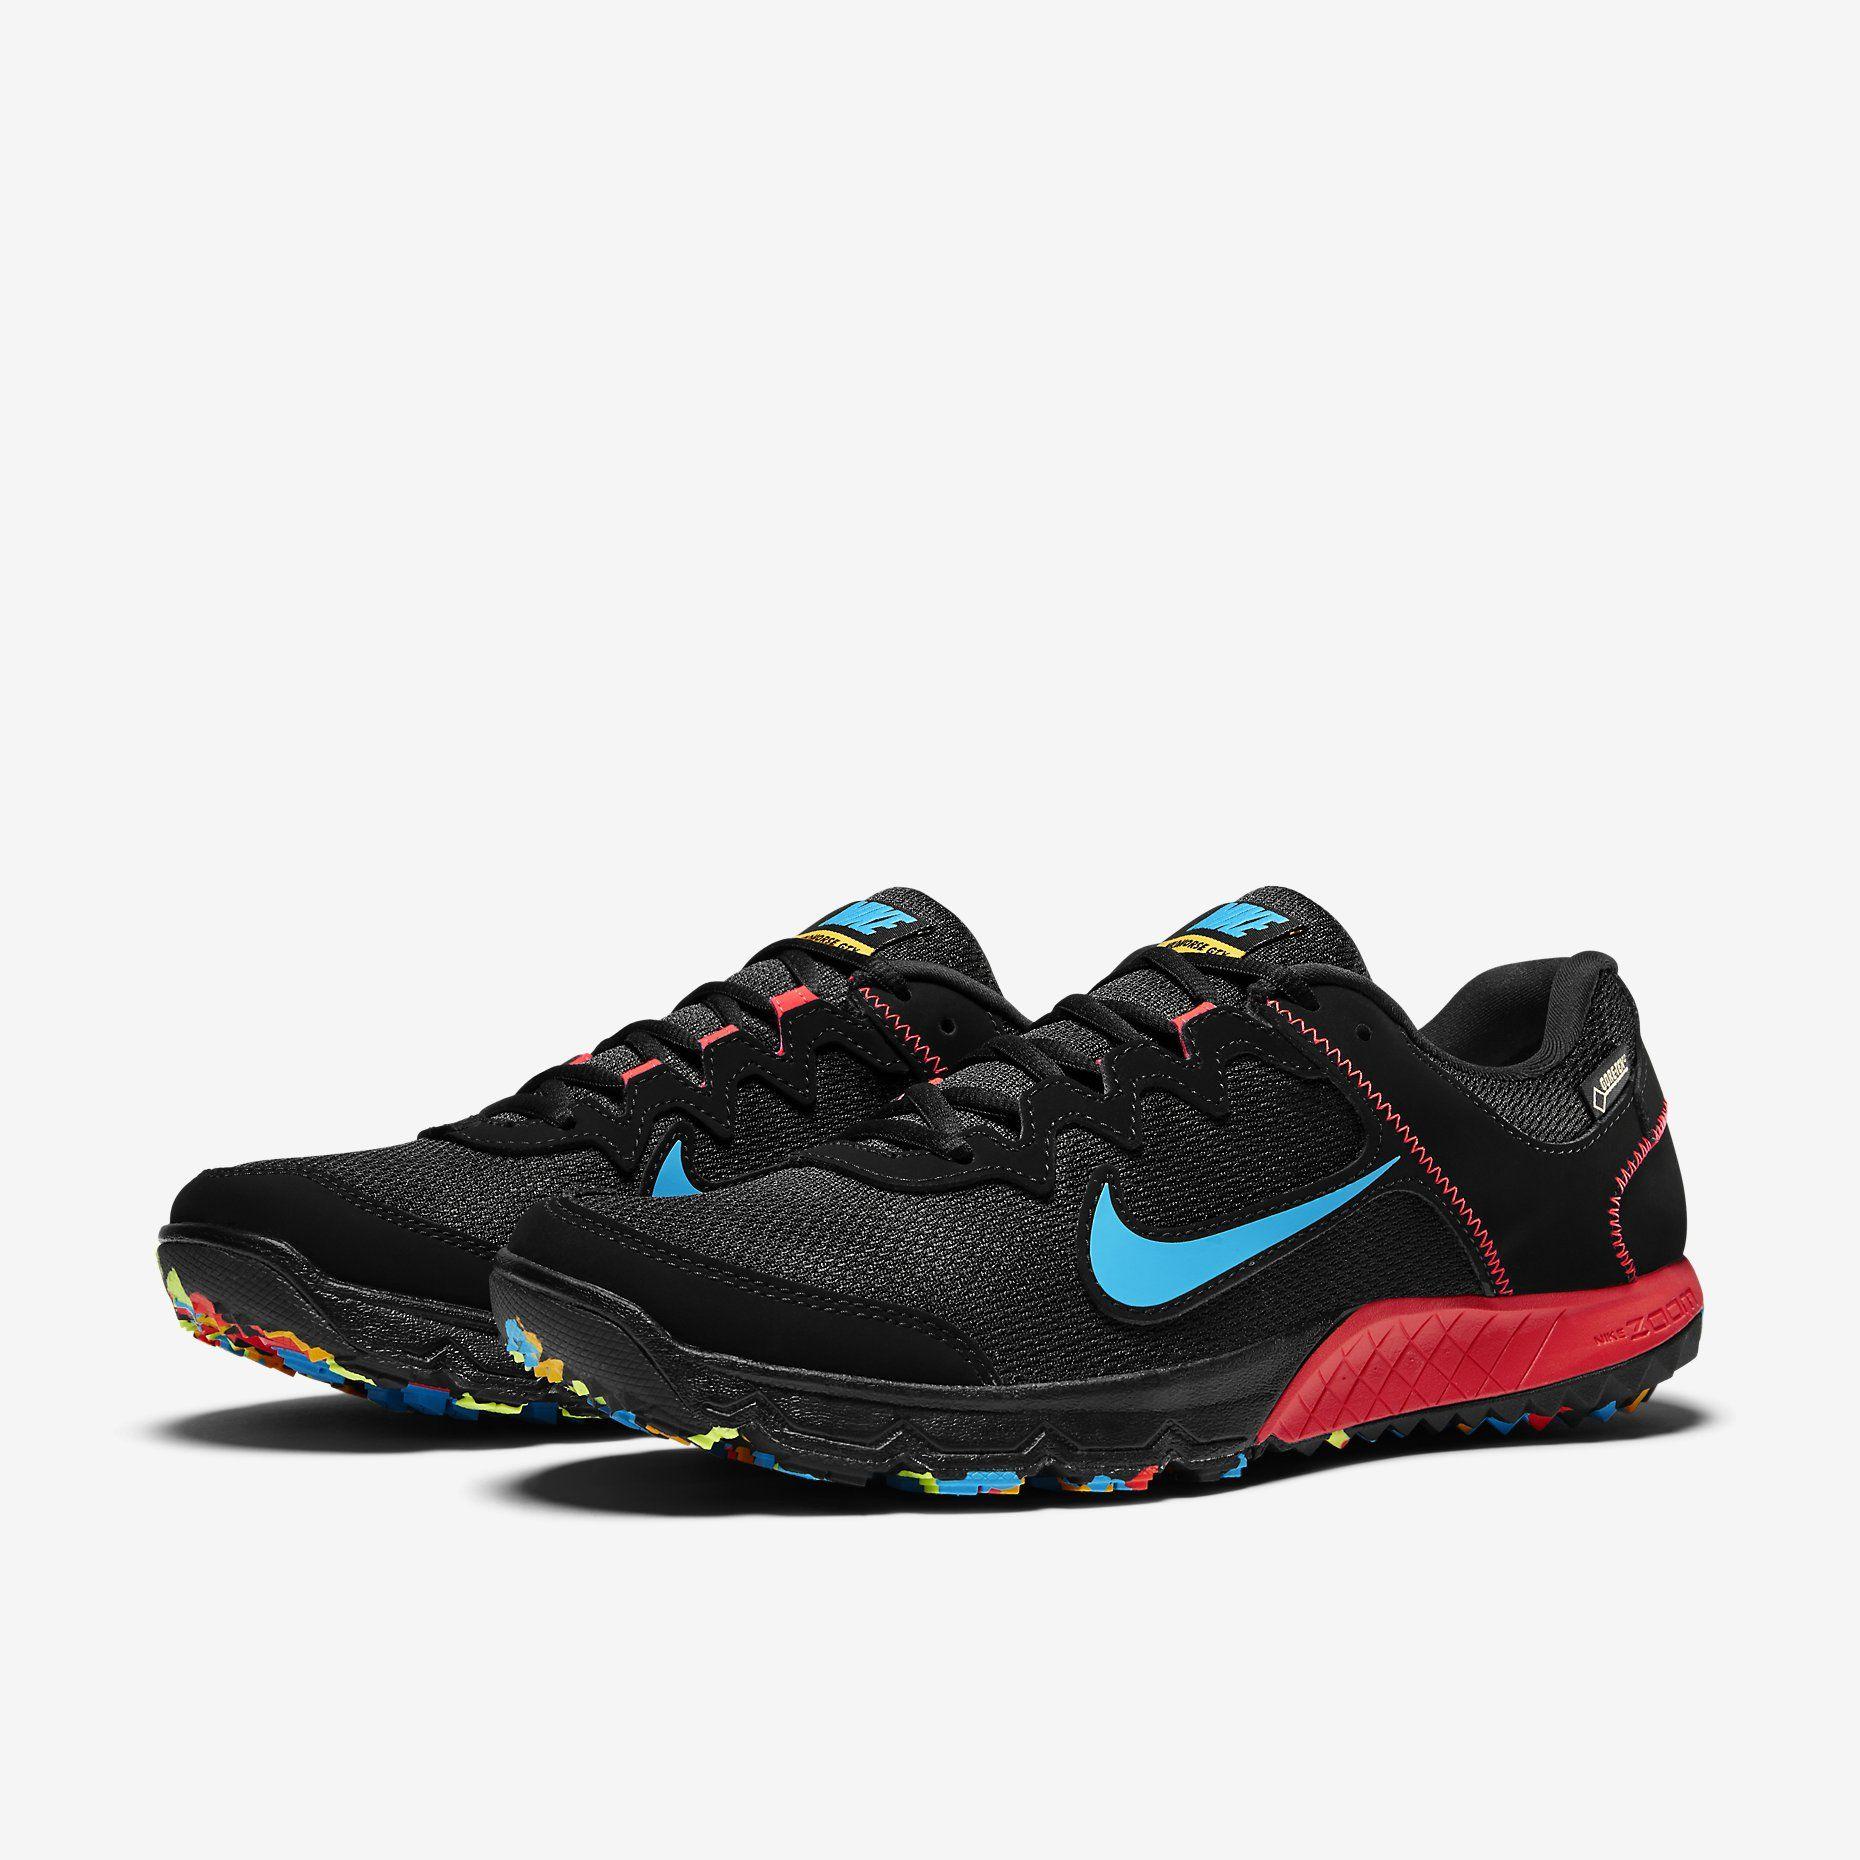 Nike Air Zoom Wildhorse GTX – Chaussure de running pour